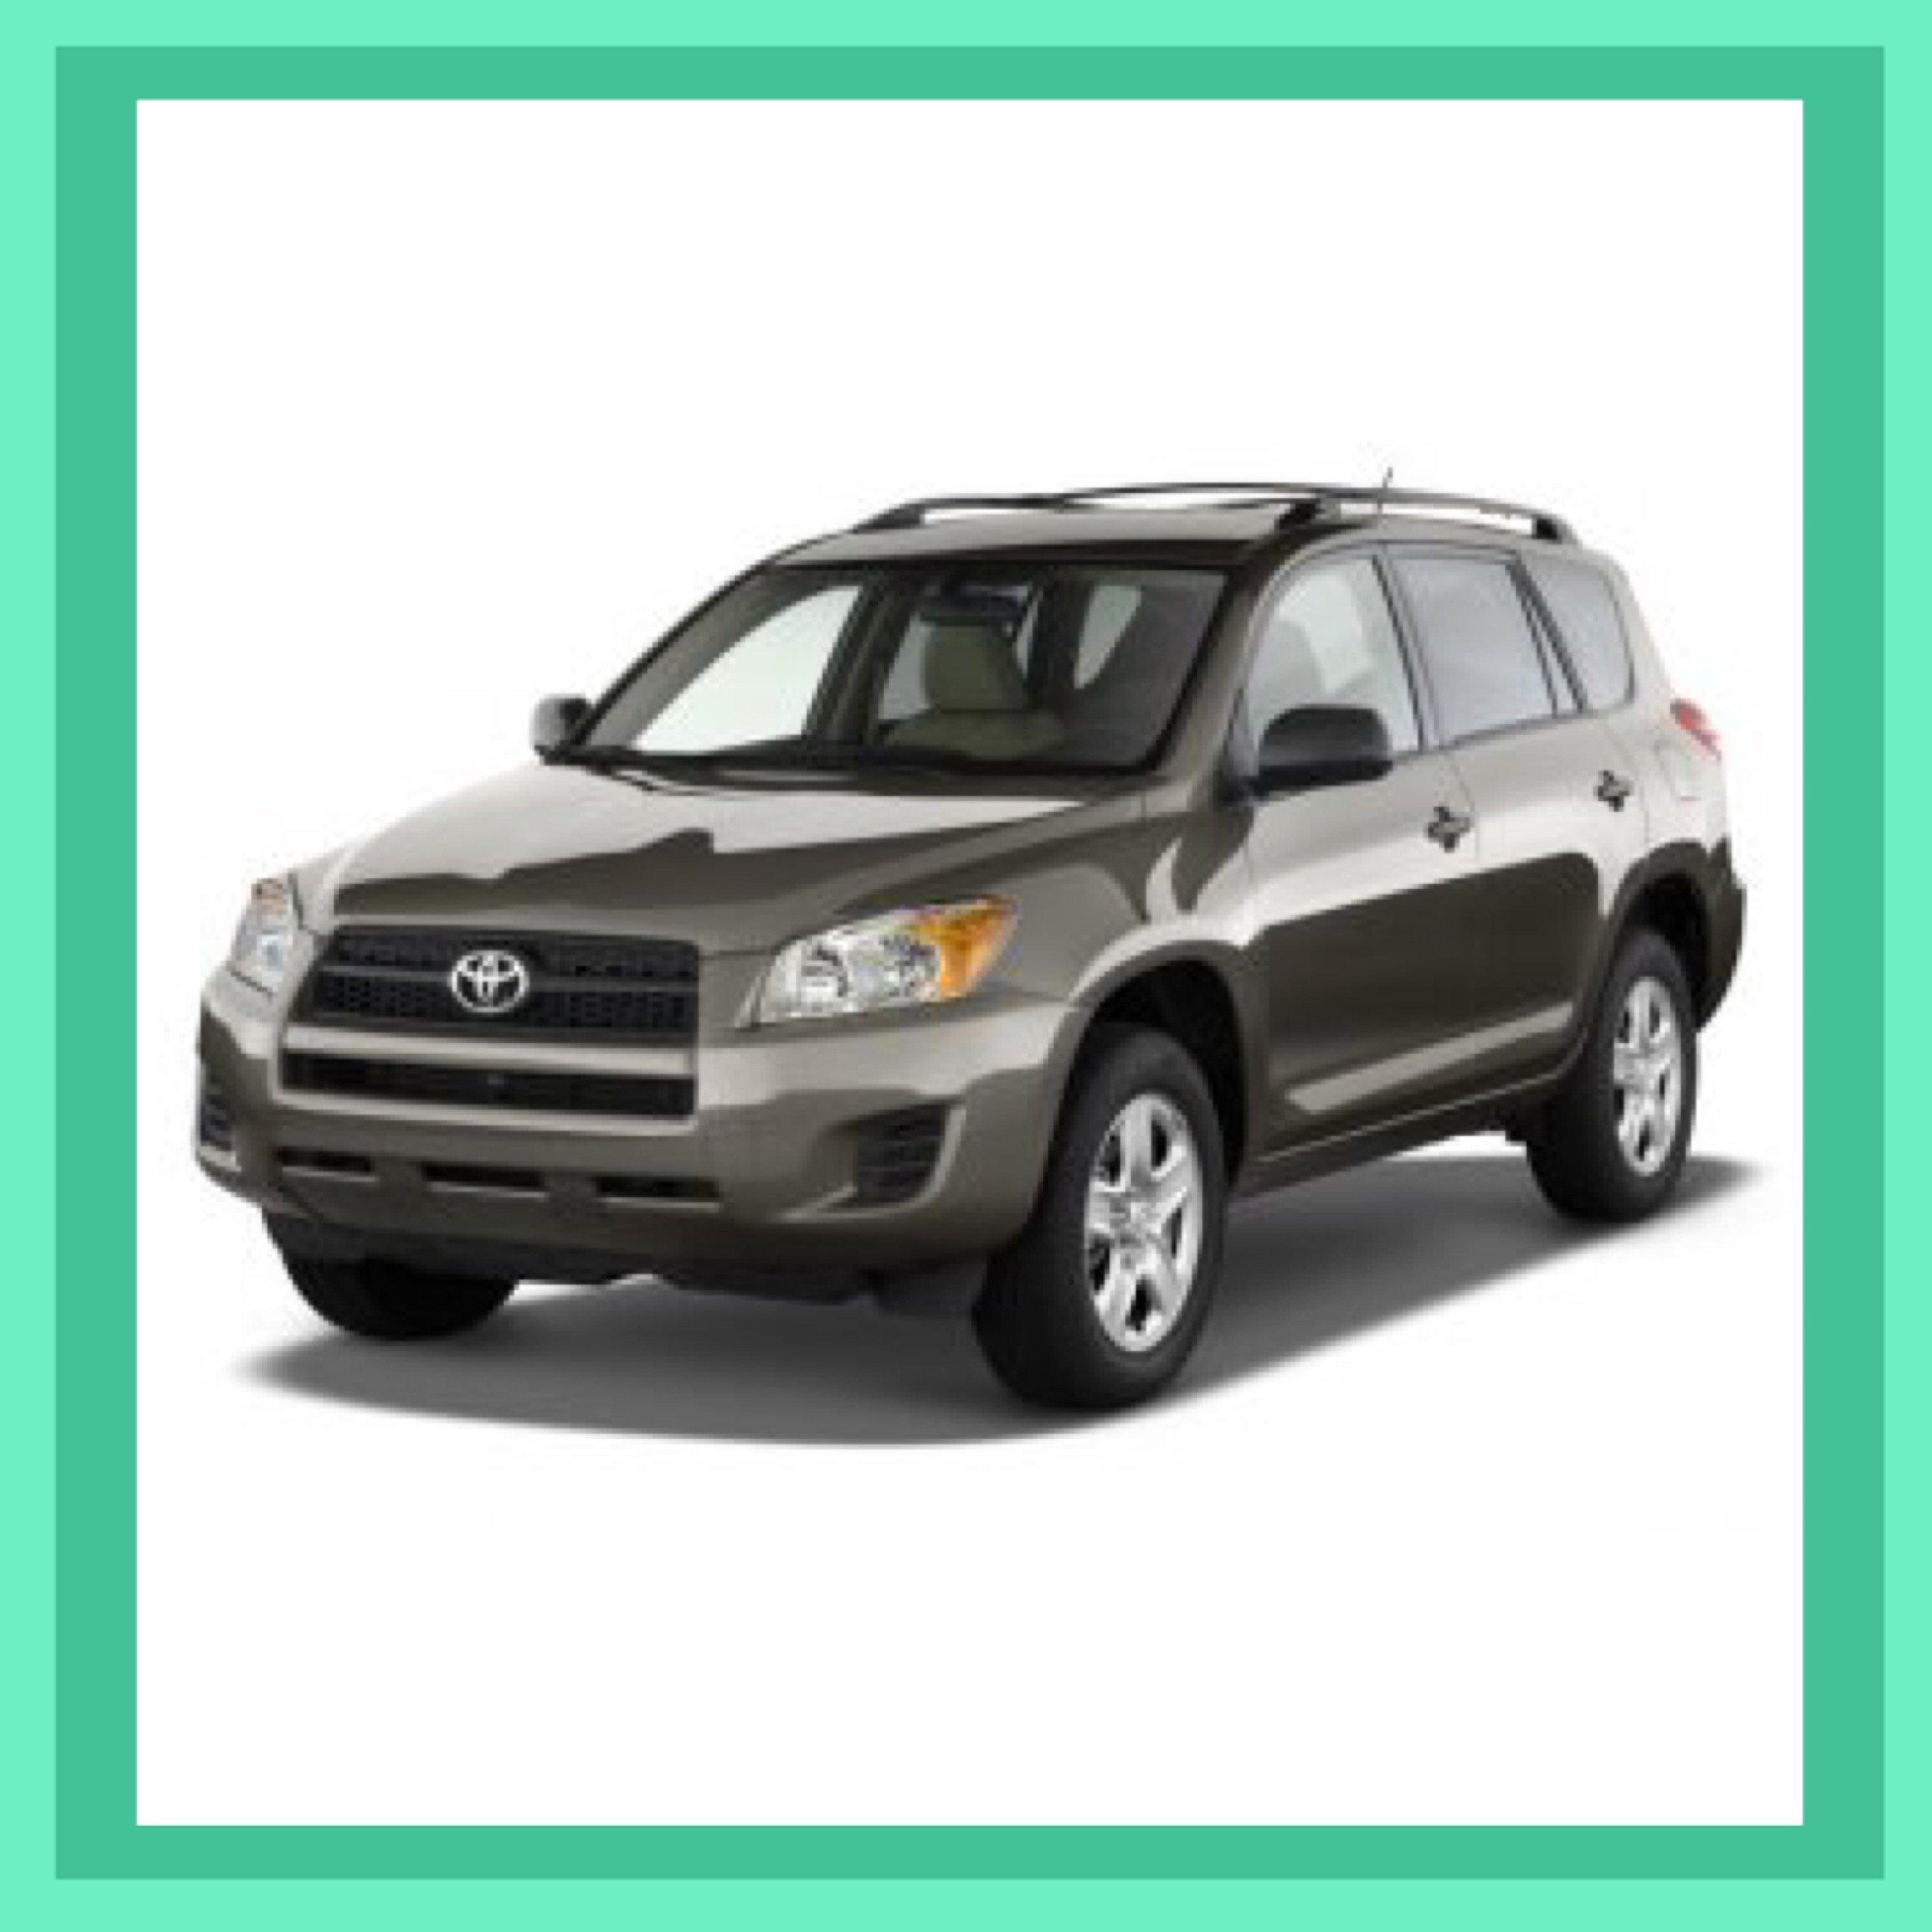 Toyota Rav 4, 2007 to 2009